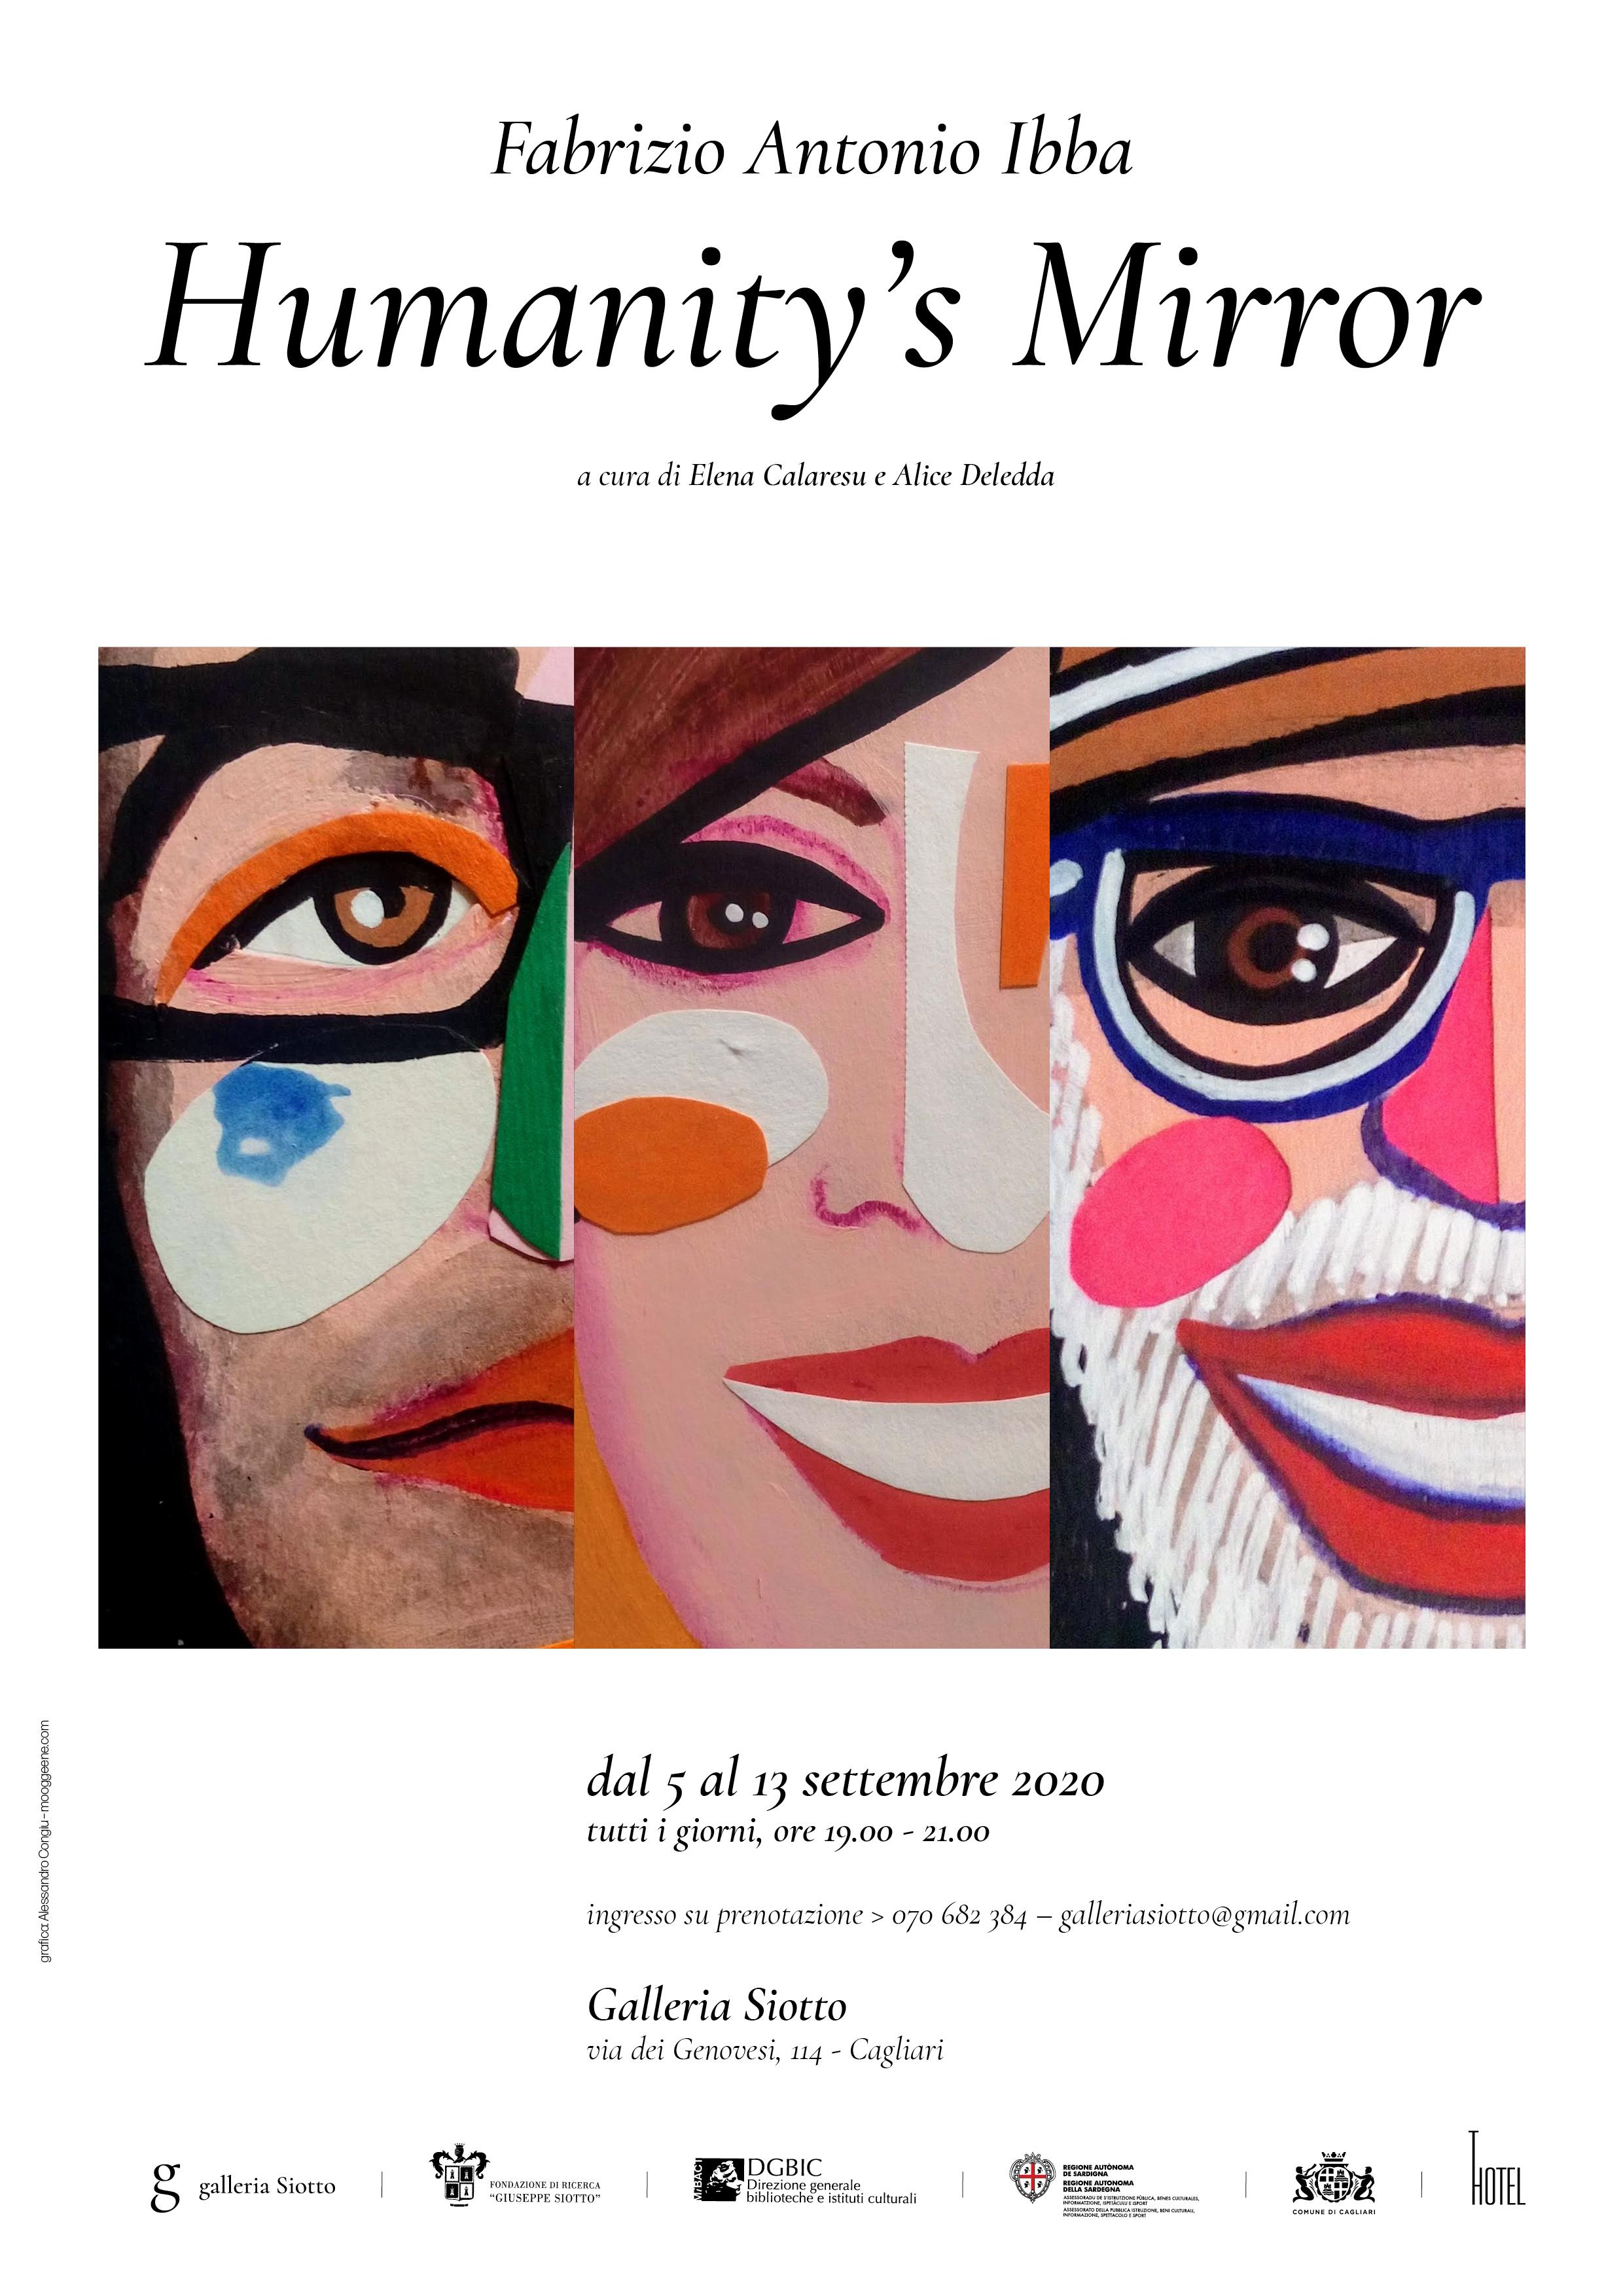 Humanity's Mirror di Fabrizio Antonio Ibba